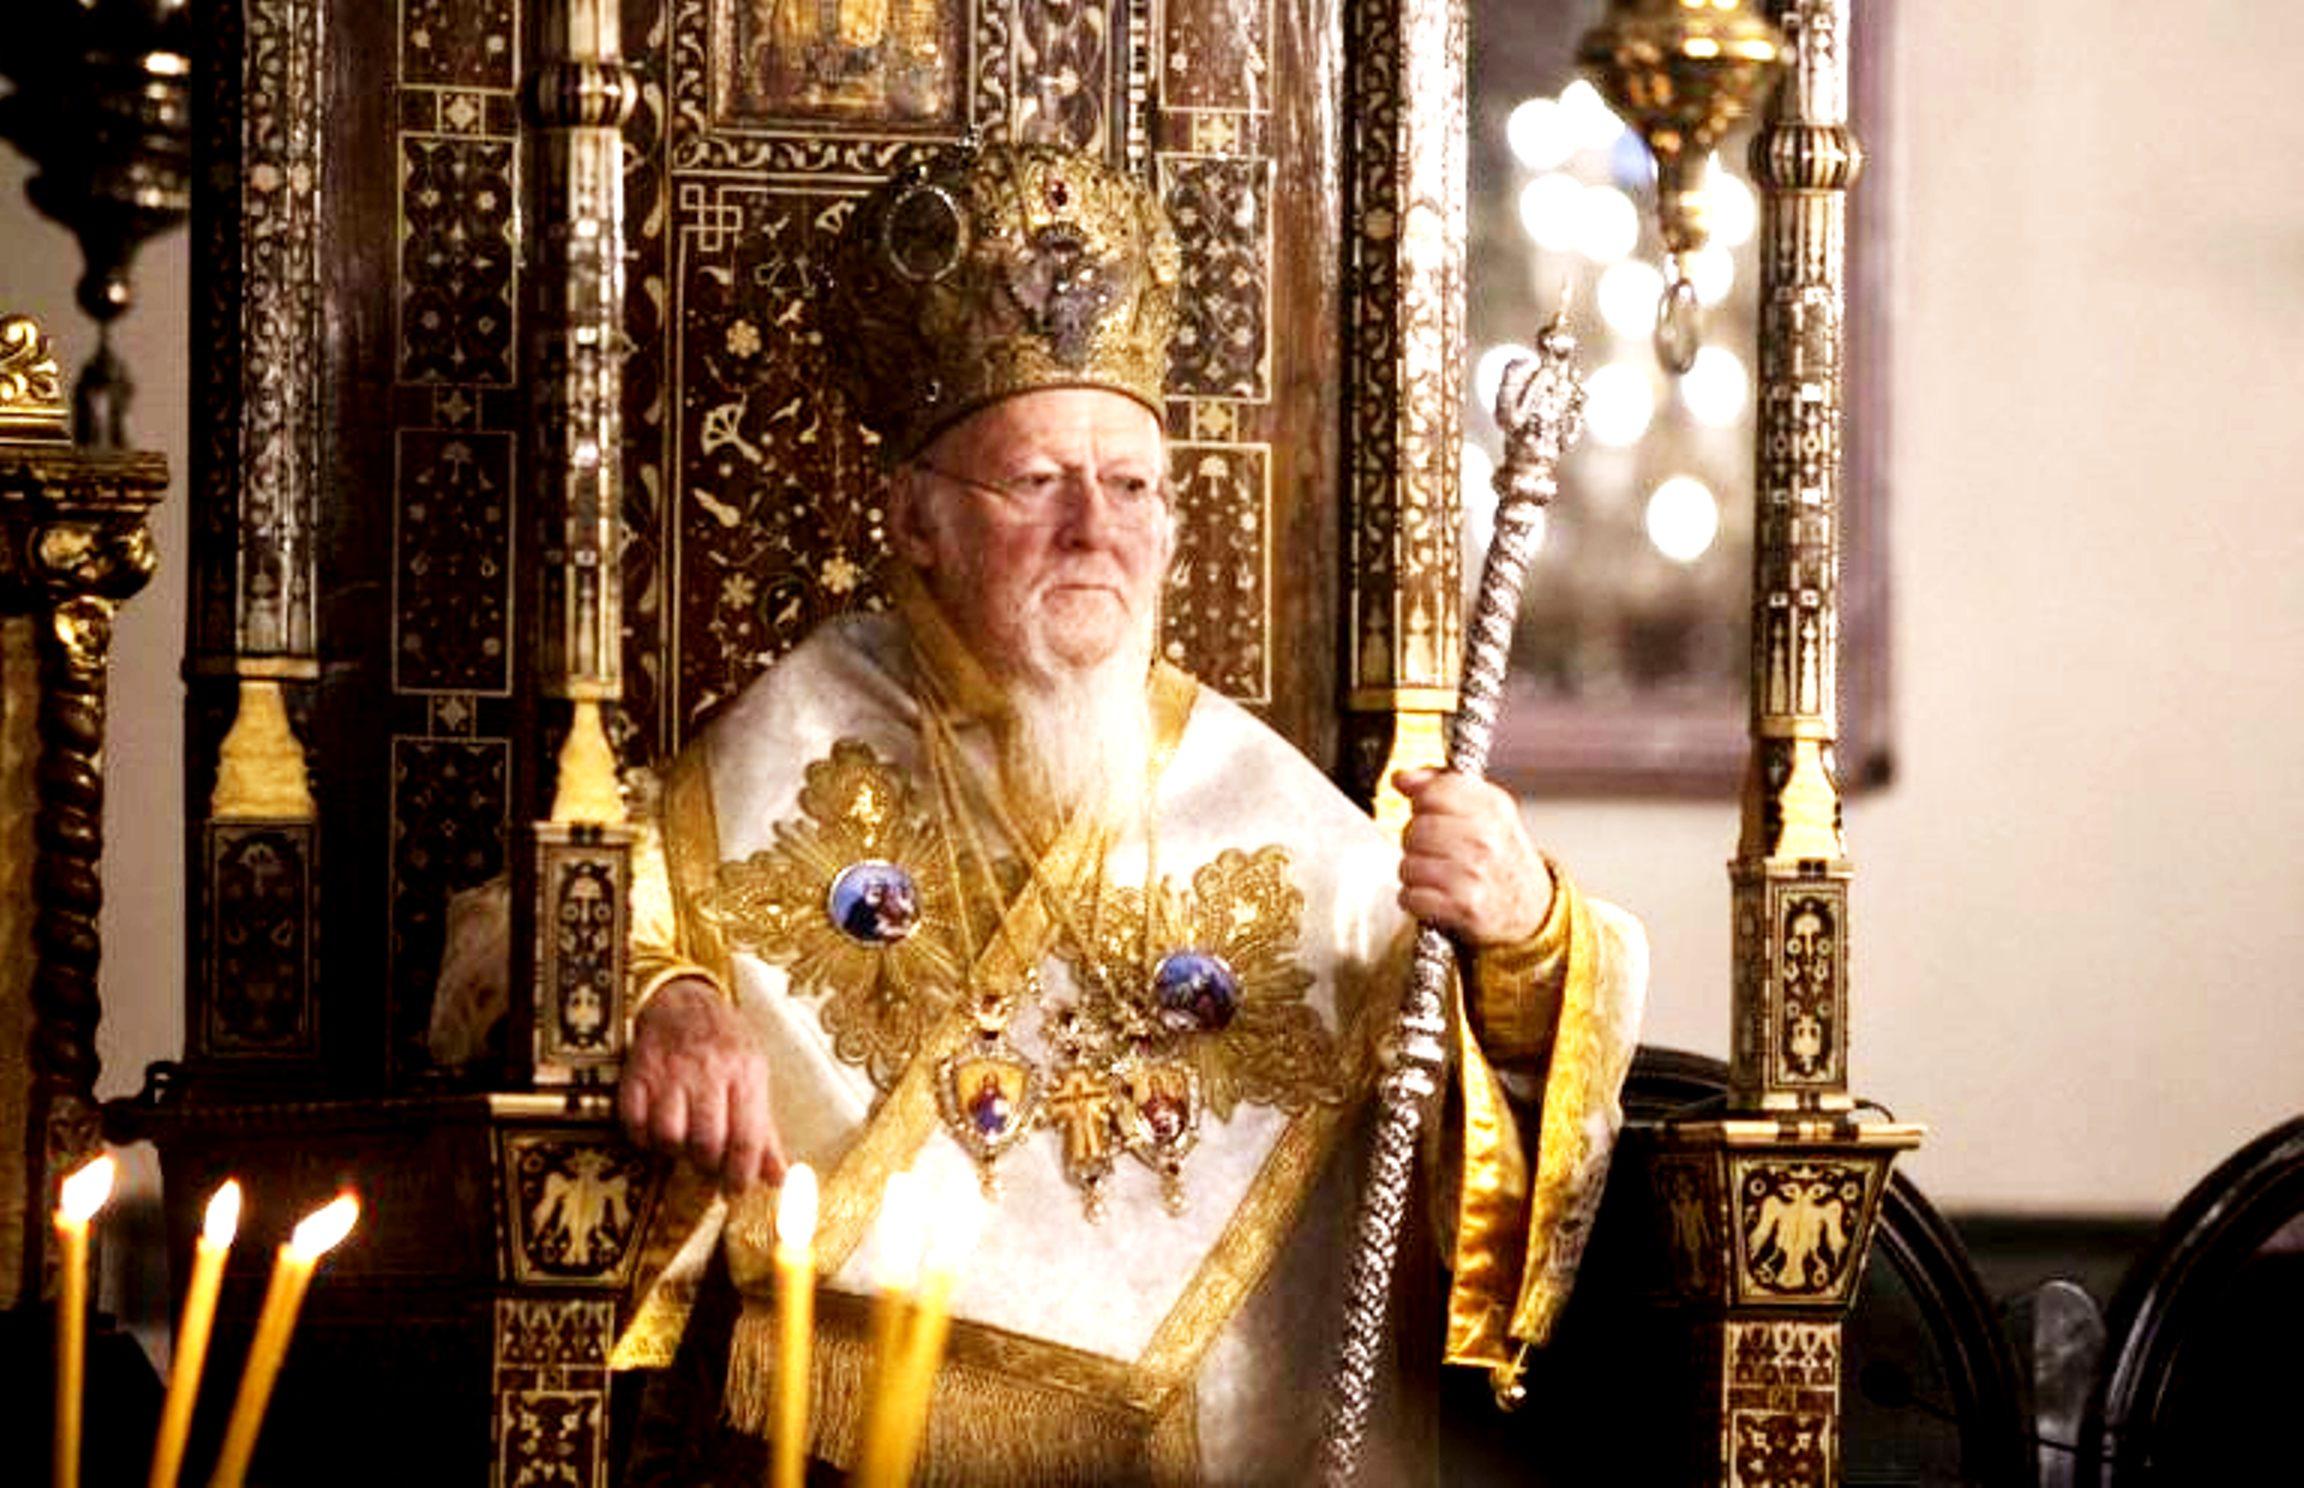 Ο Πατριάρχης Κωνσταντινουπόλεως έβαλε στοίχημα και έχασε. Τα ανοίγματα στη Δύση υπονόμεψαν τις θέσεις του Πατριάρχου στην Ανατολή